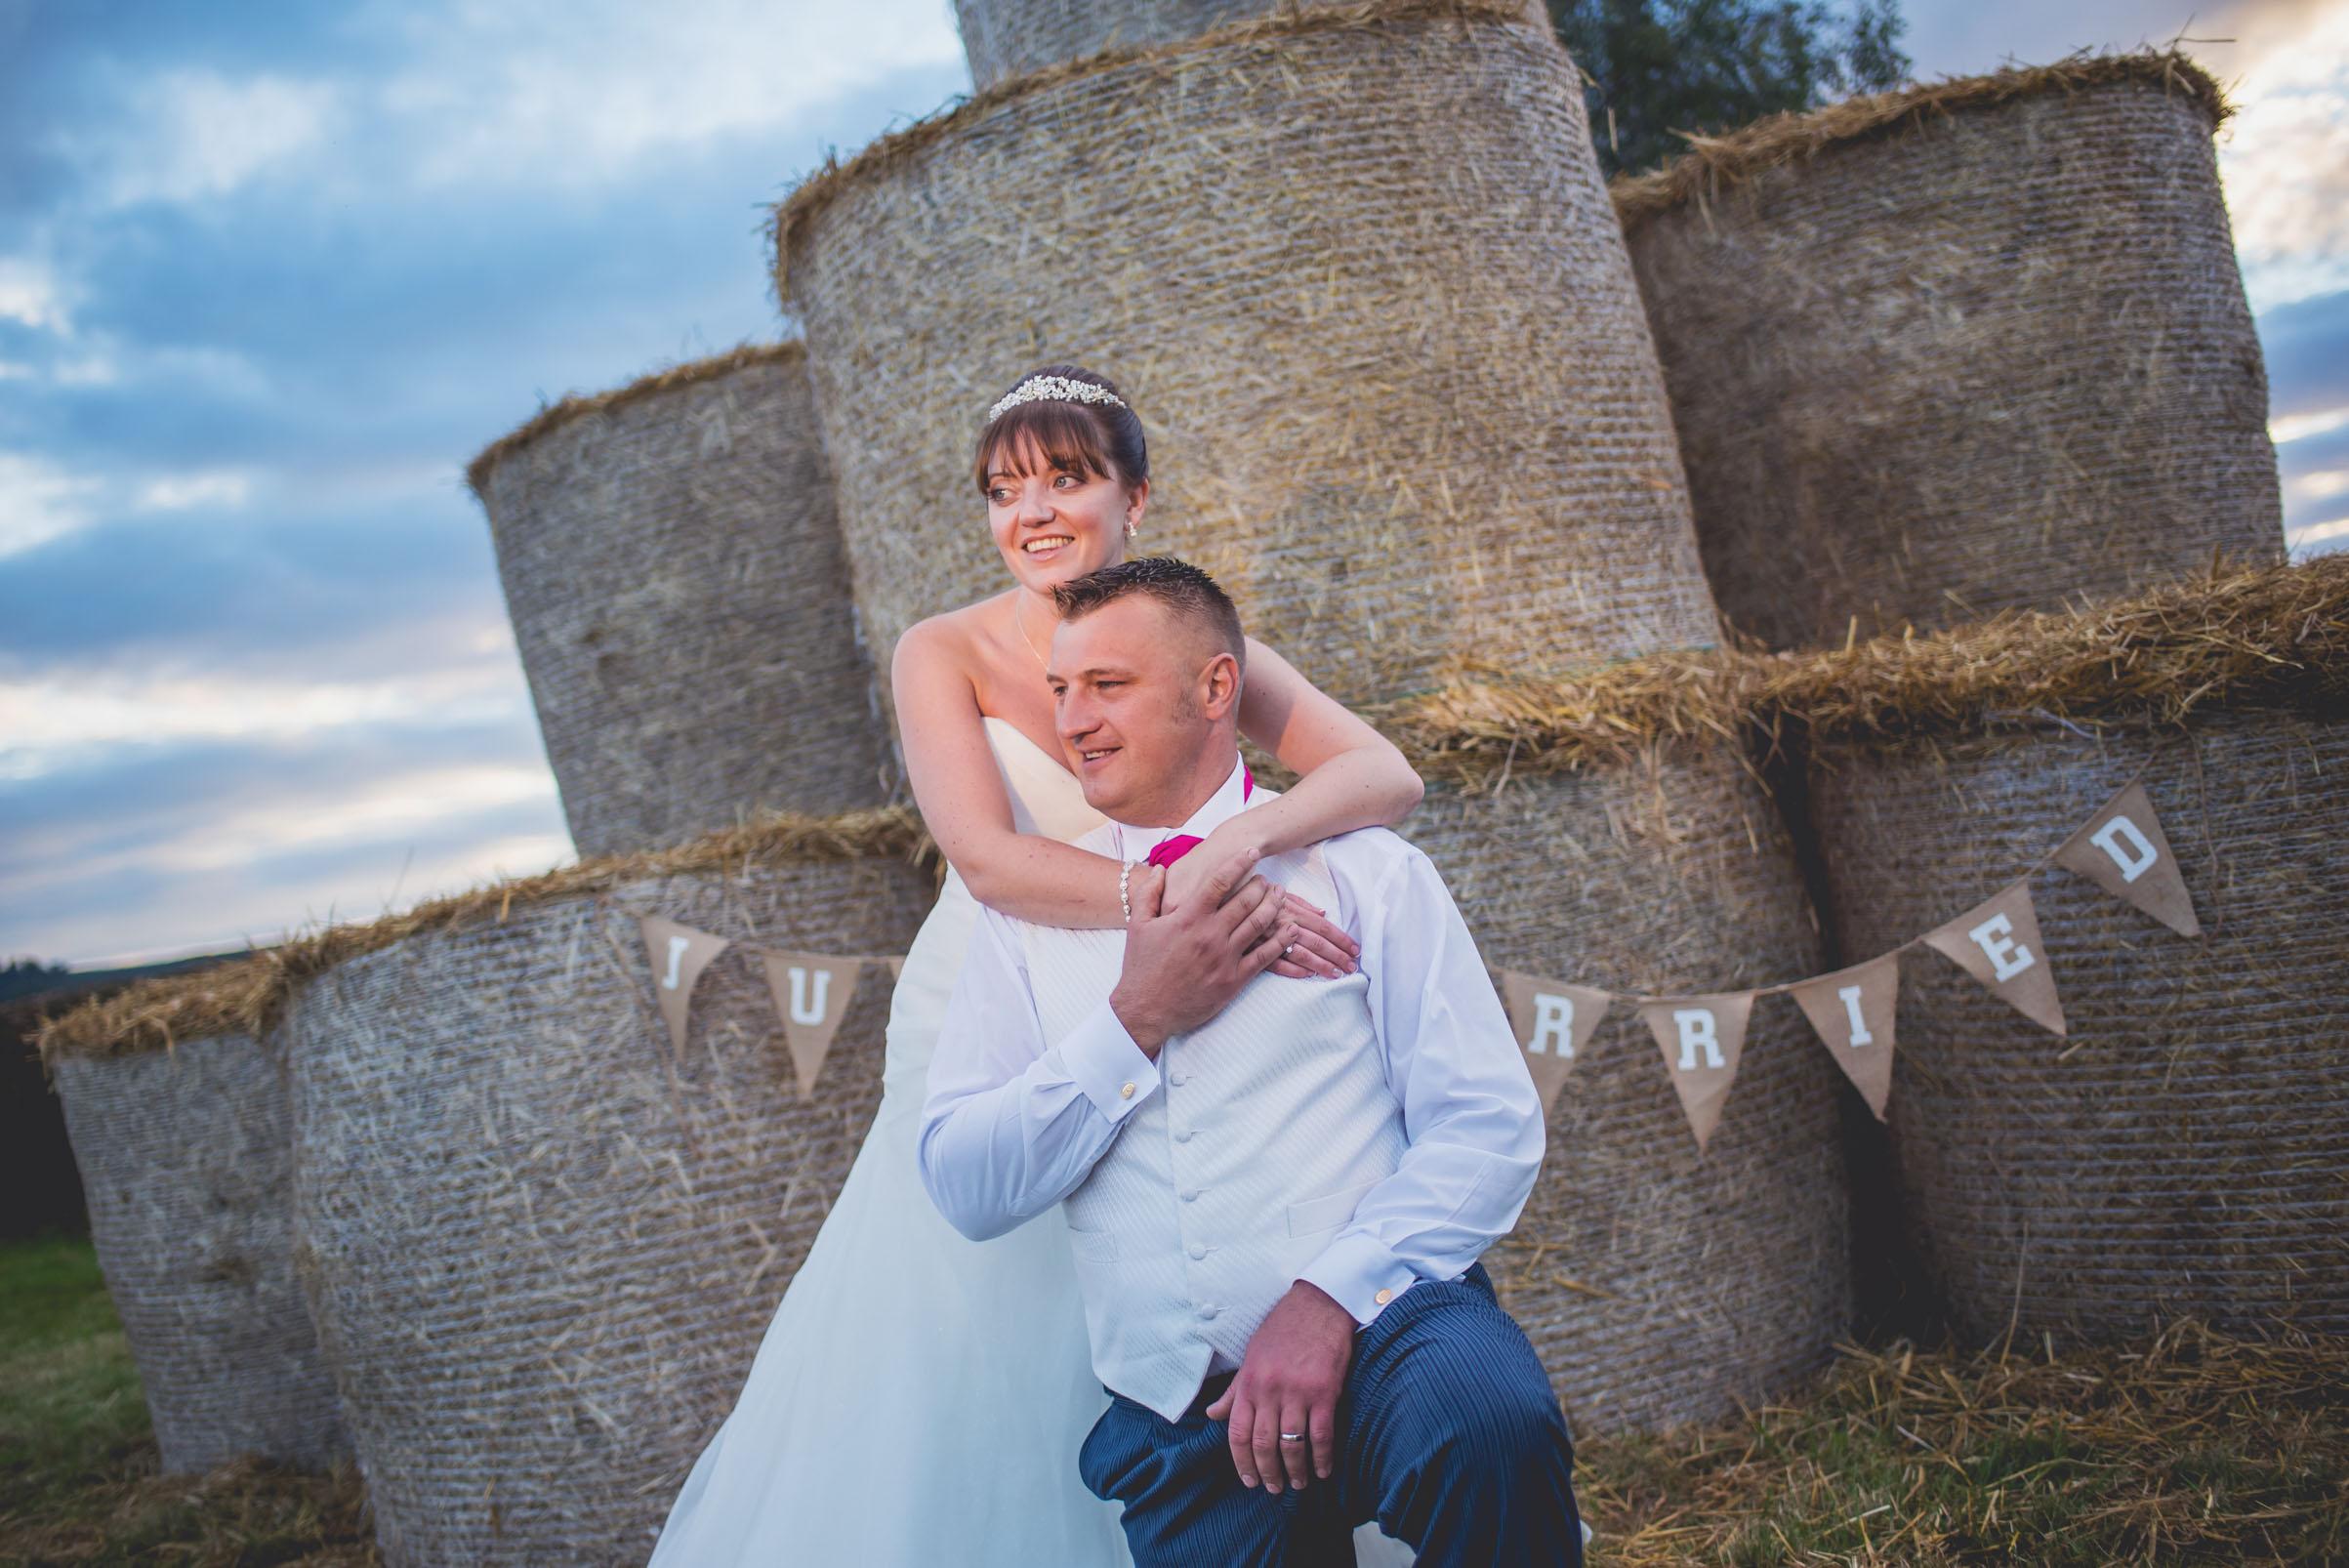 Farm-wedding-staffordshire-st-marys-catholic-church-uttoxter-117.jpg